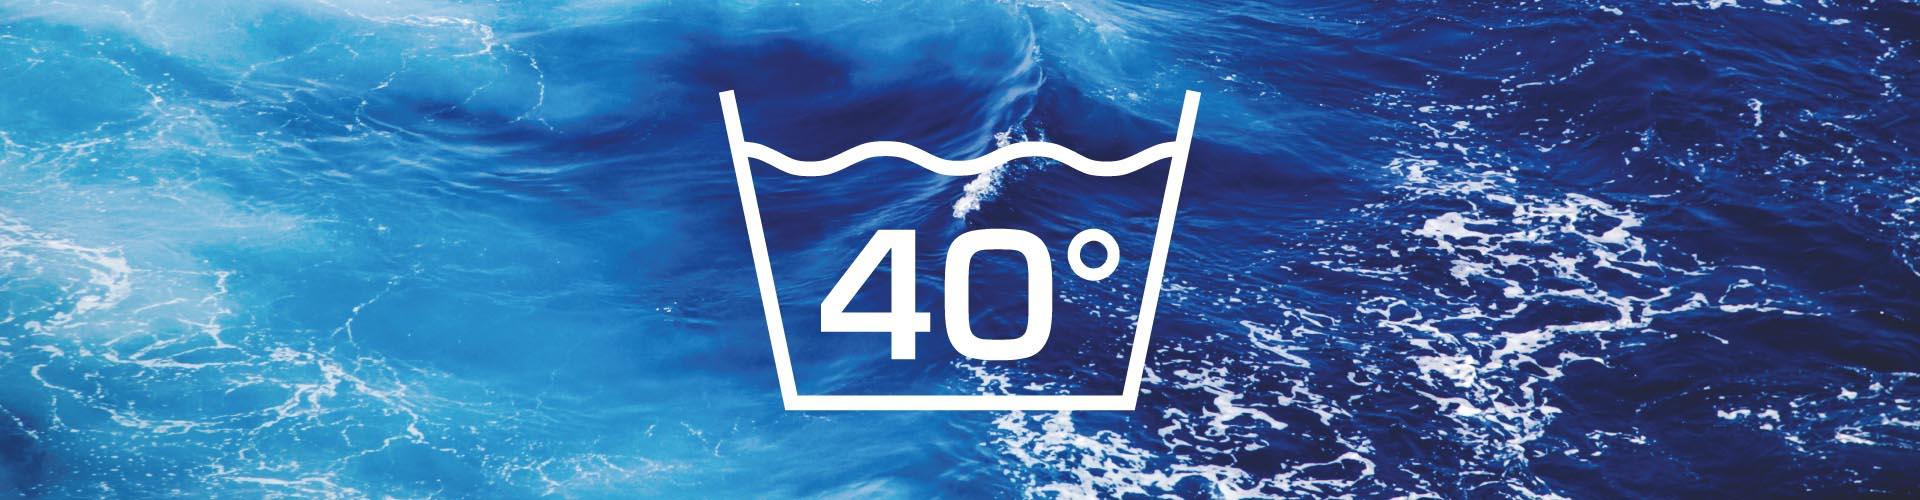 Lavaggio a 40°